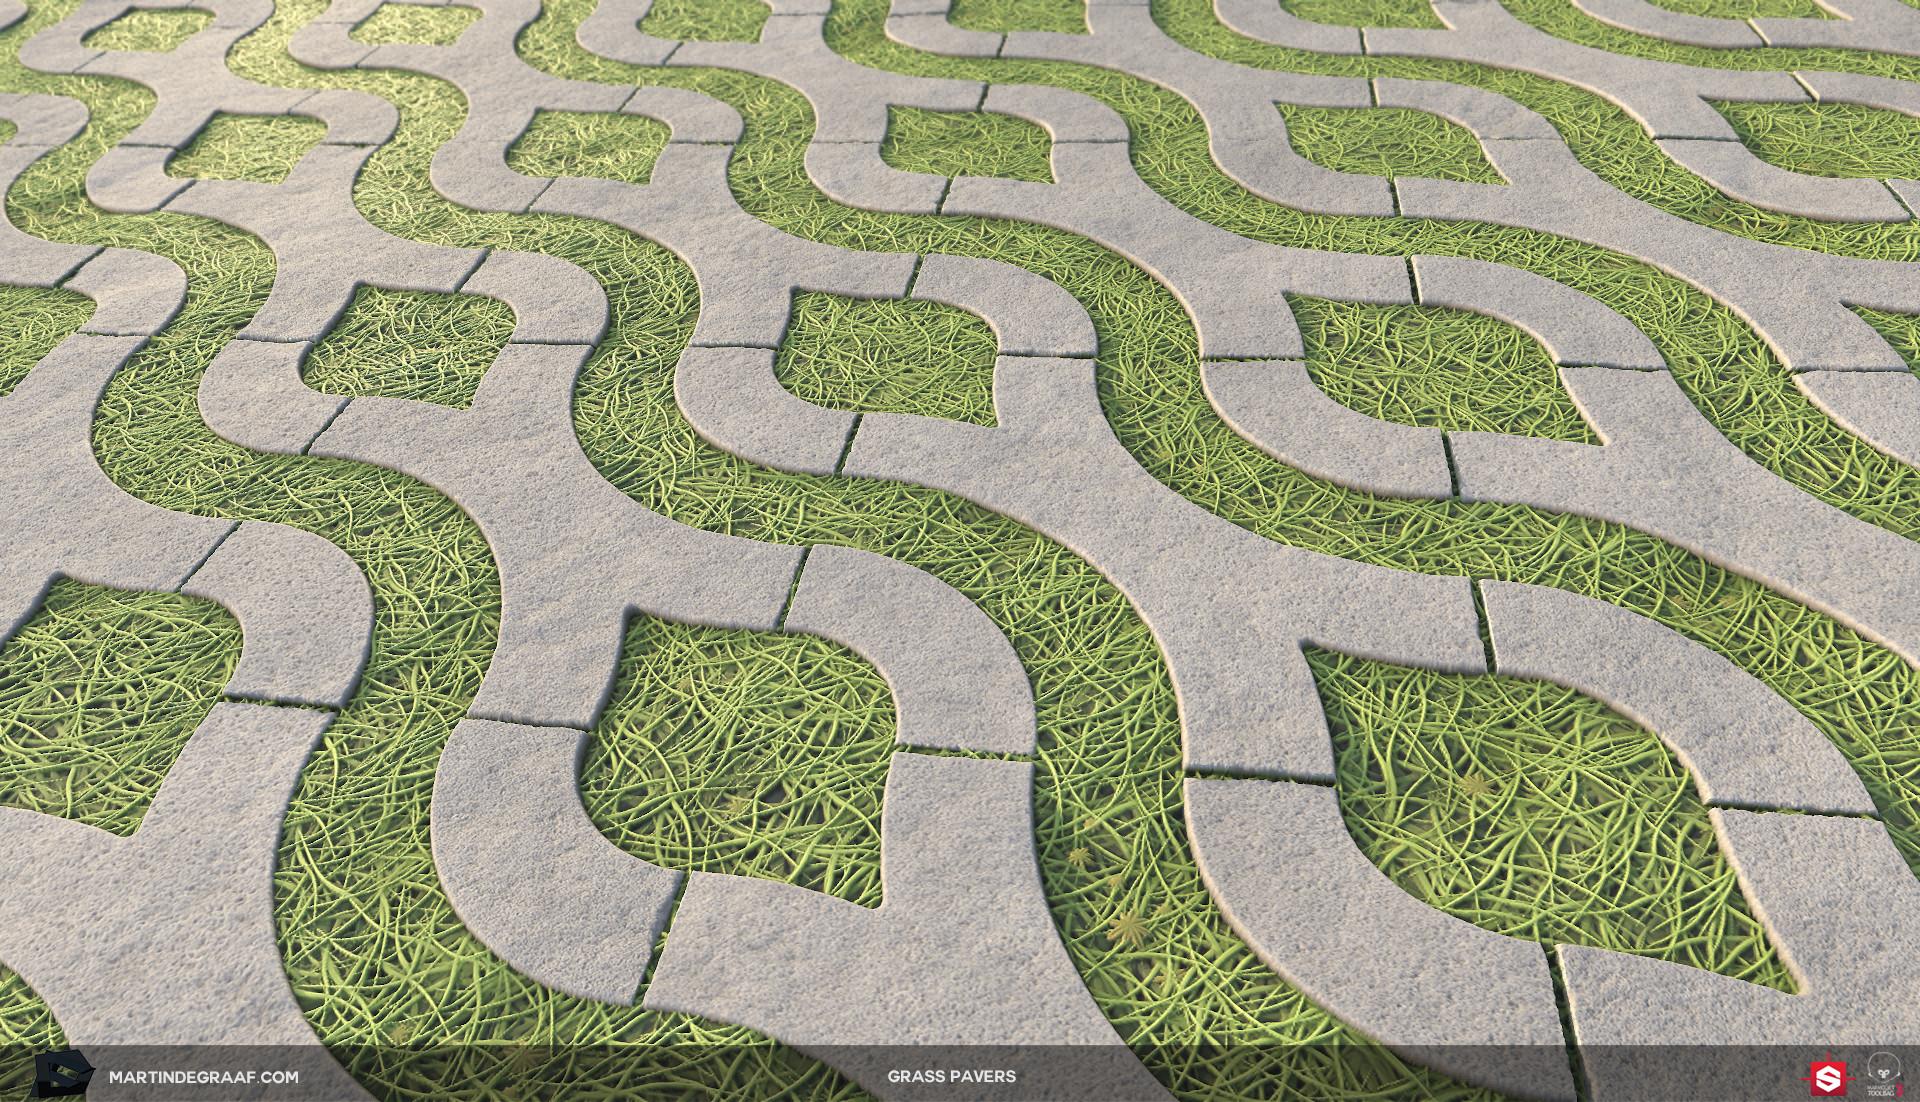 Martin de graaf grass pavers substance plane2 martin de graaf 2018